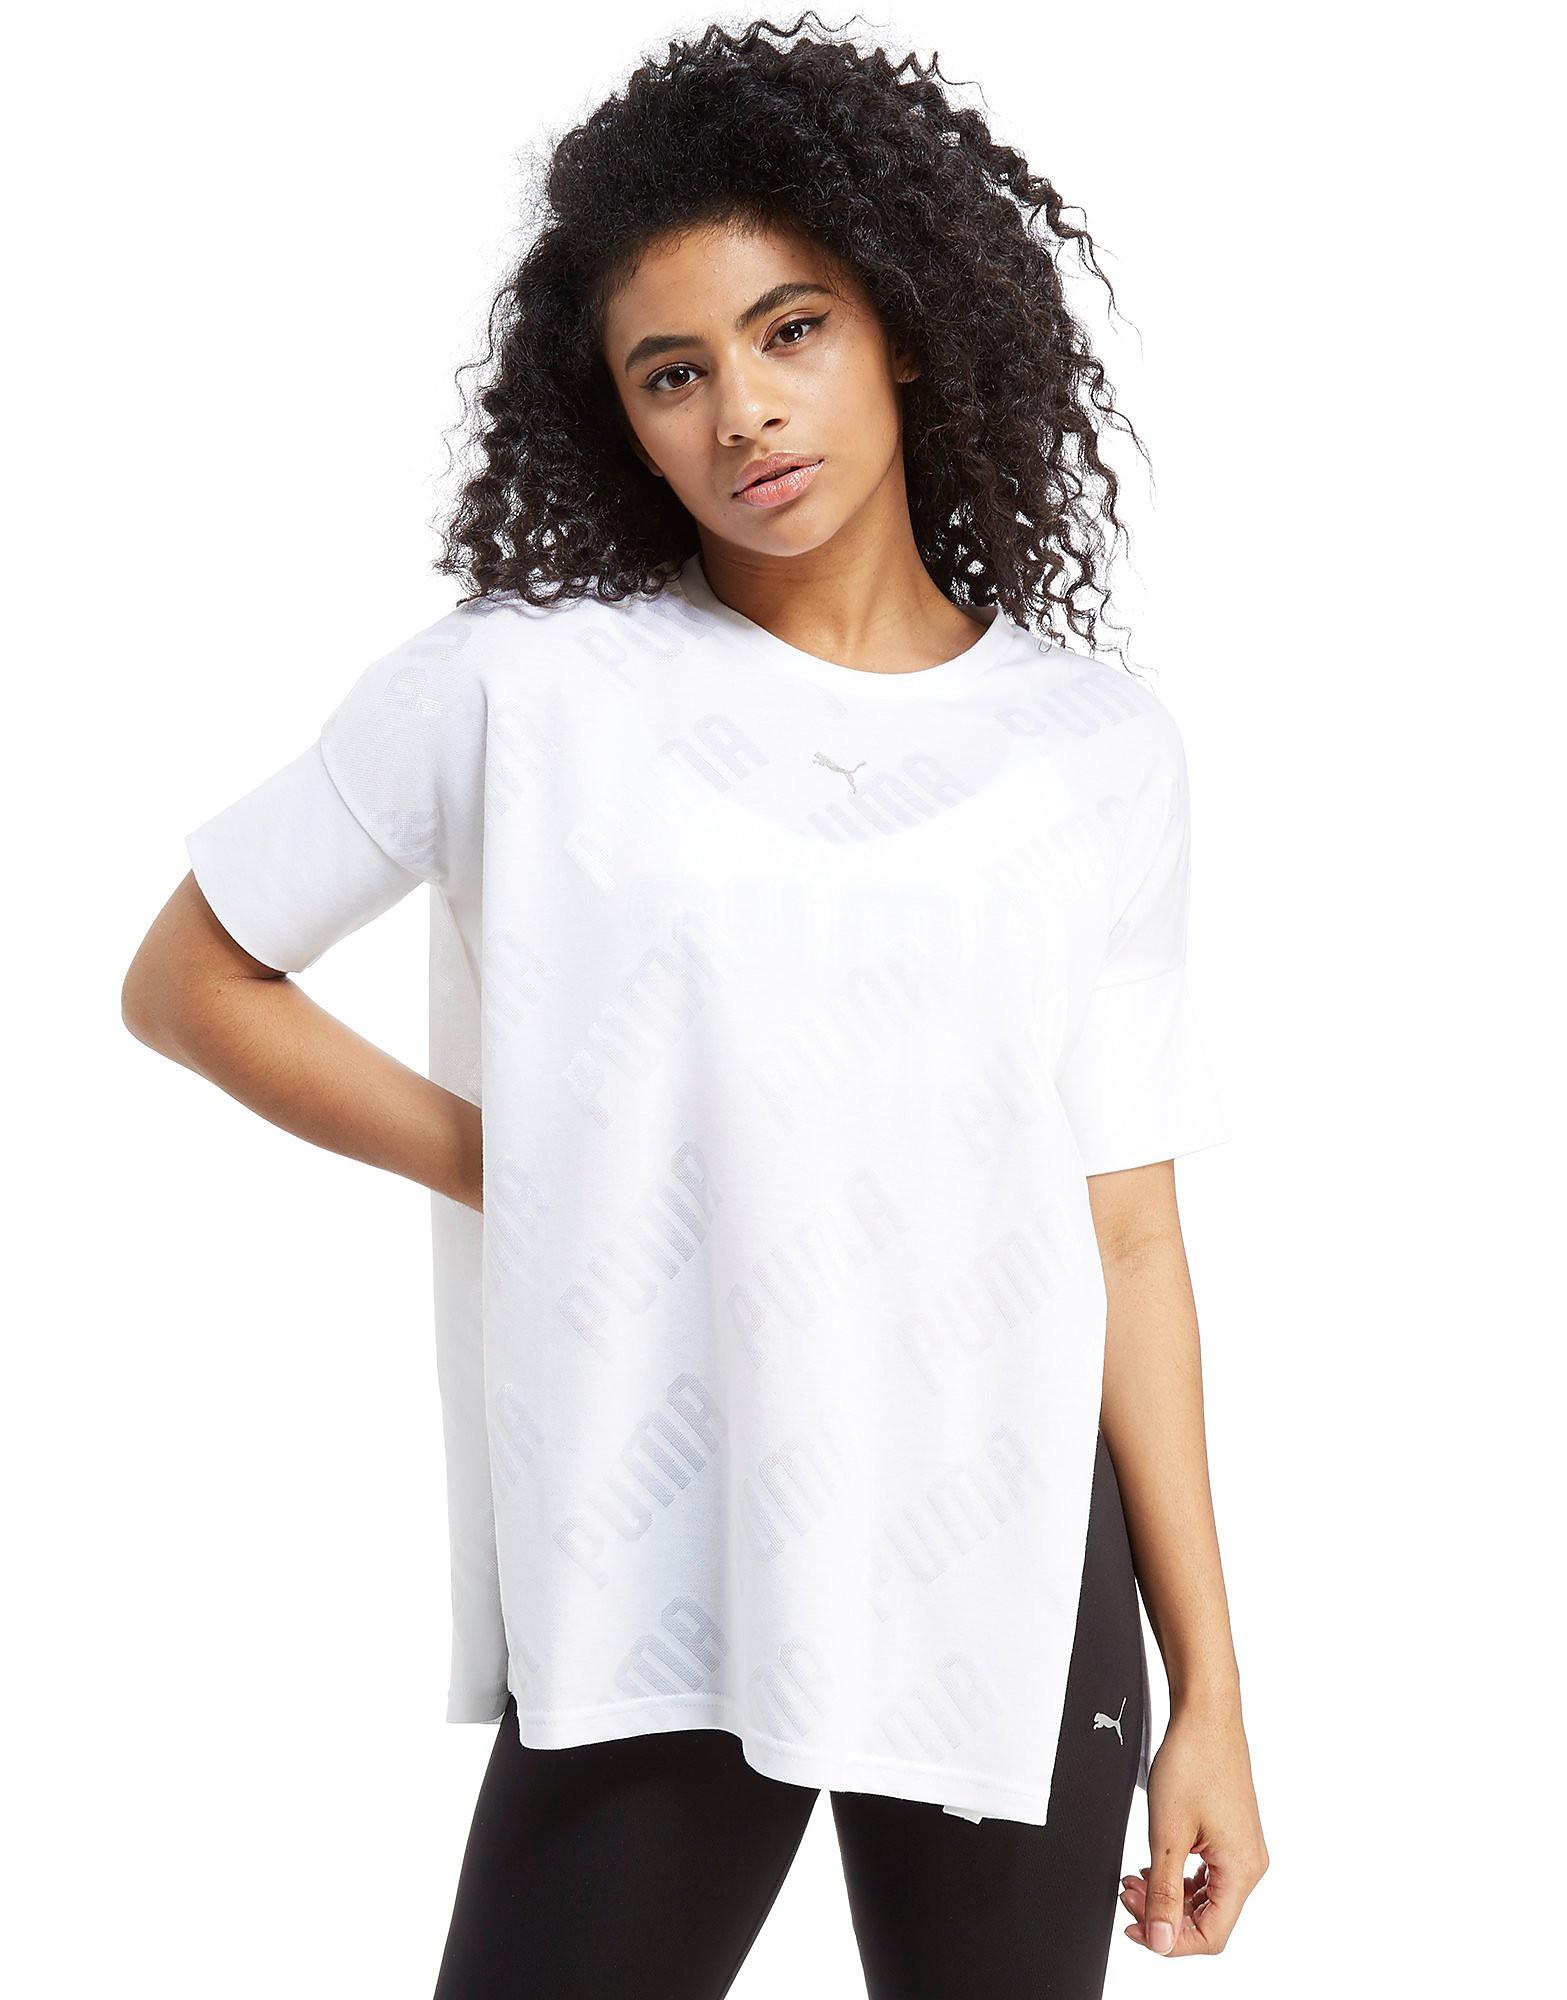 PUMA En Pointe All Over Print T-Shirt